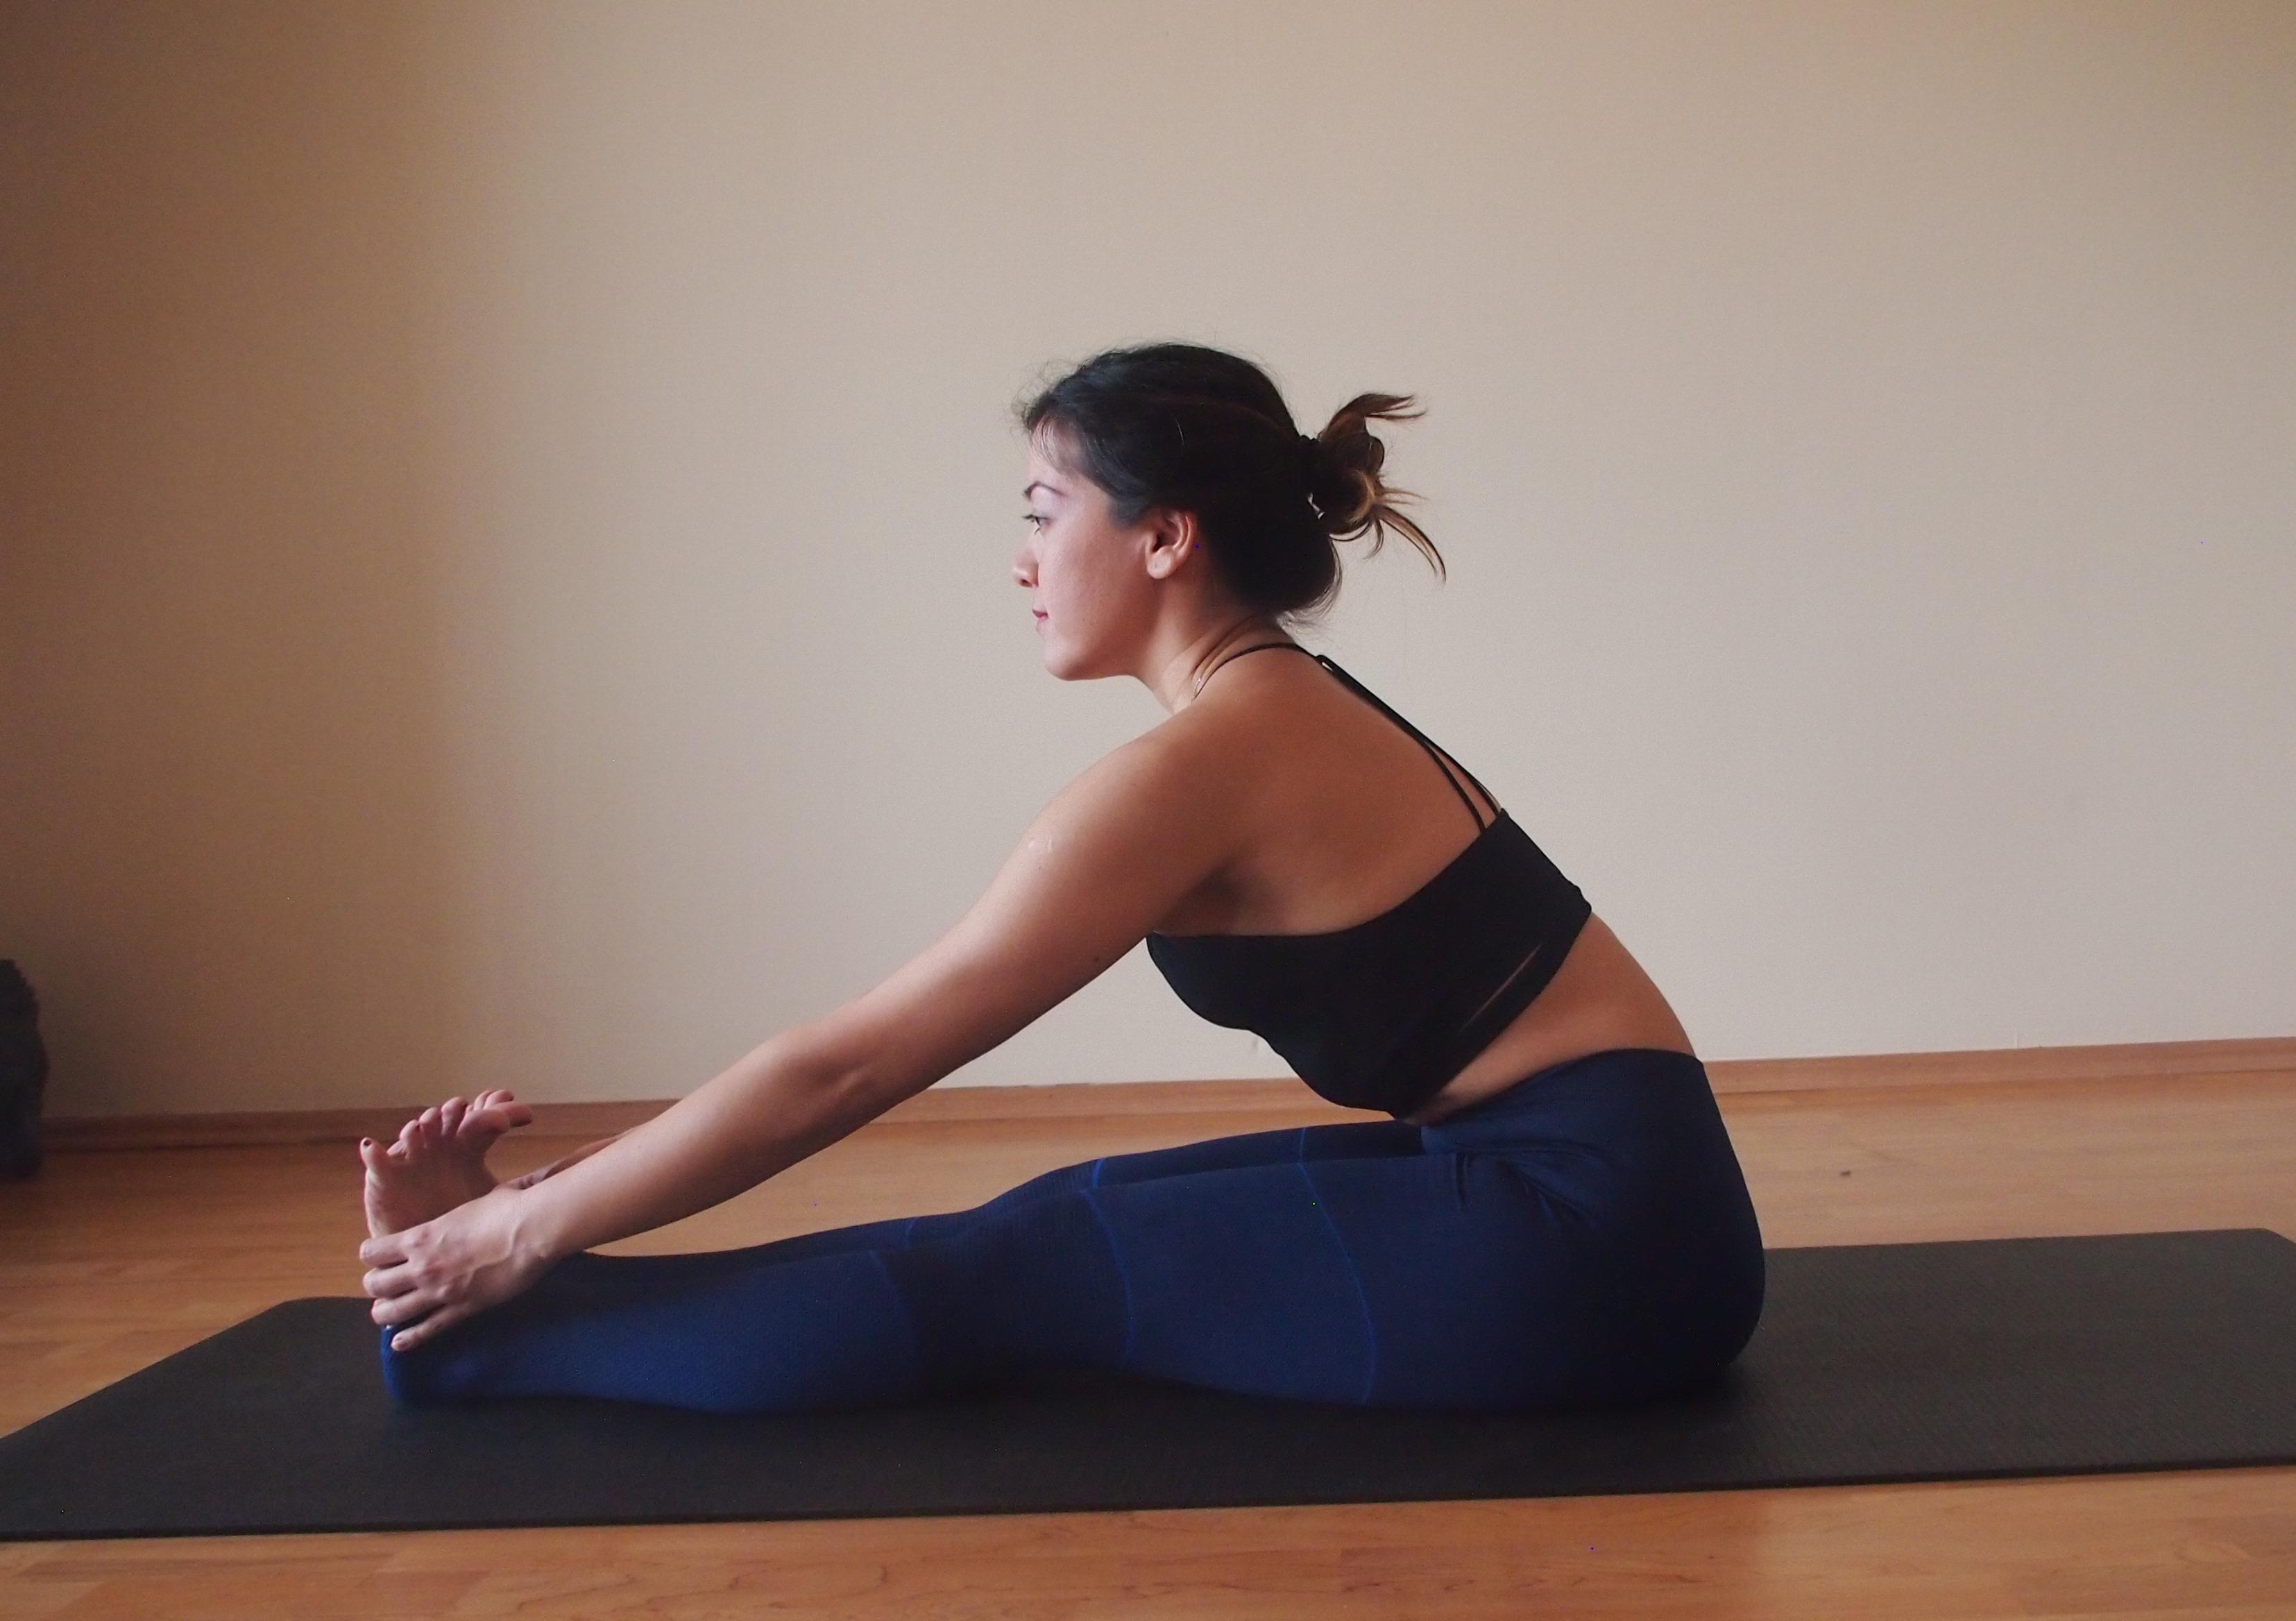 Yoga mat üzerinde otururken ayak dokunmak germe ile ilgili görsel sonucu